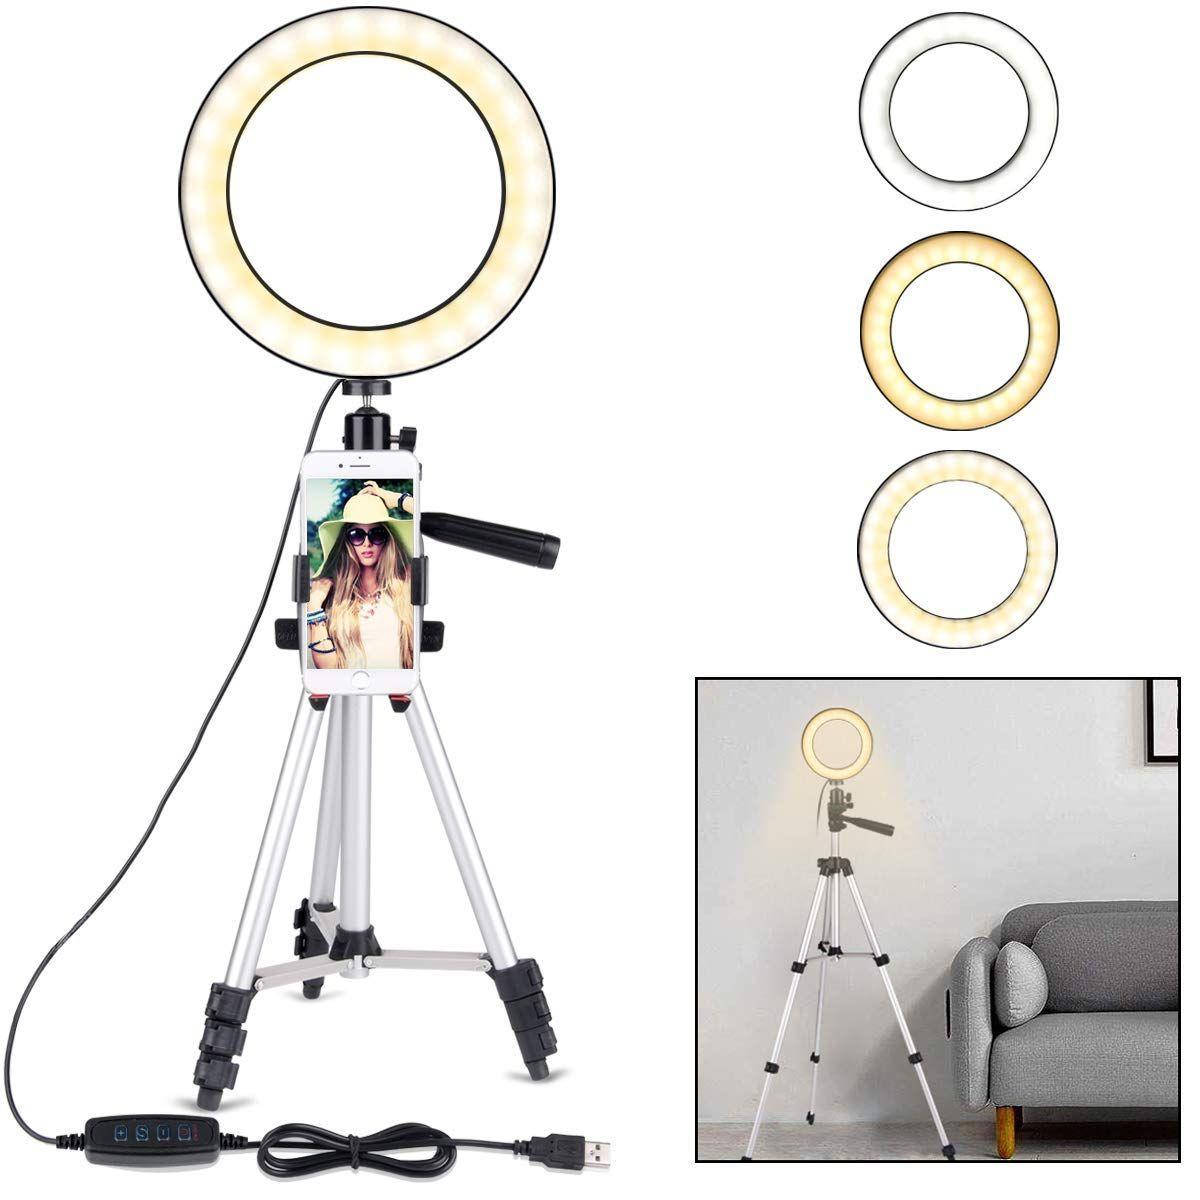 حلقة رنين مع حامل ثلاثي القوائم للفيديو والمكياج على YouTube ، مصباح LED صغير للكاميرا مع مصباح LED لسطح المكتب مع حامل للهواتف الخلوية مع 3 مصابيح M